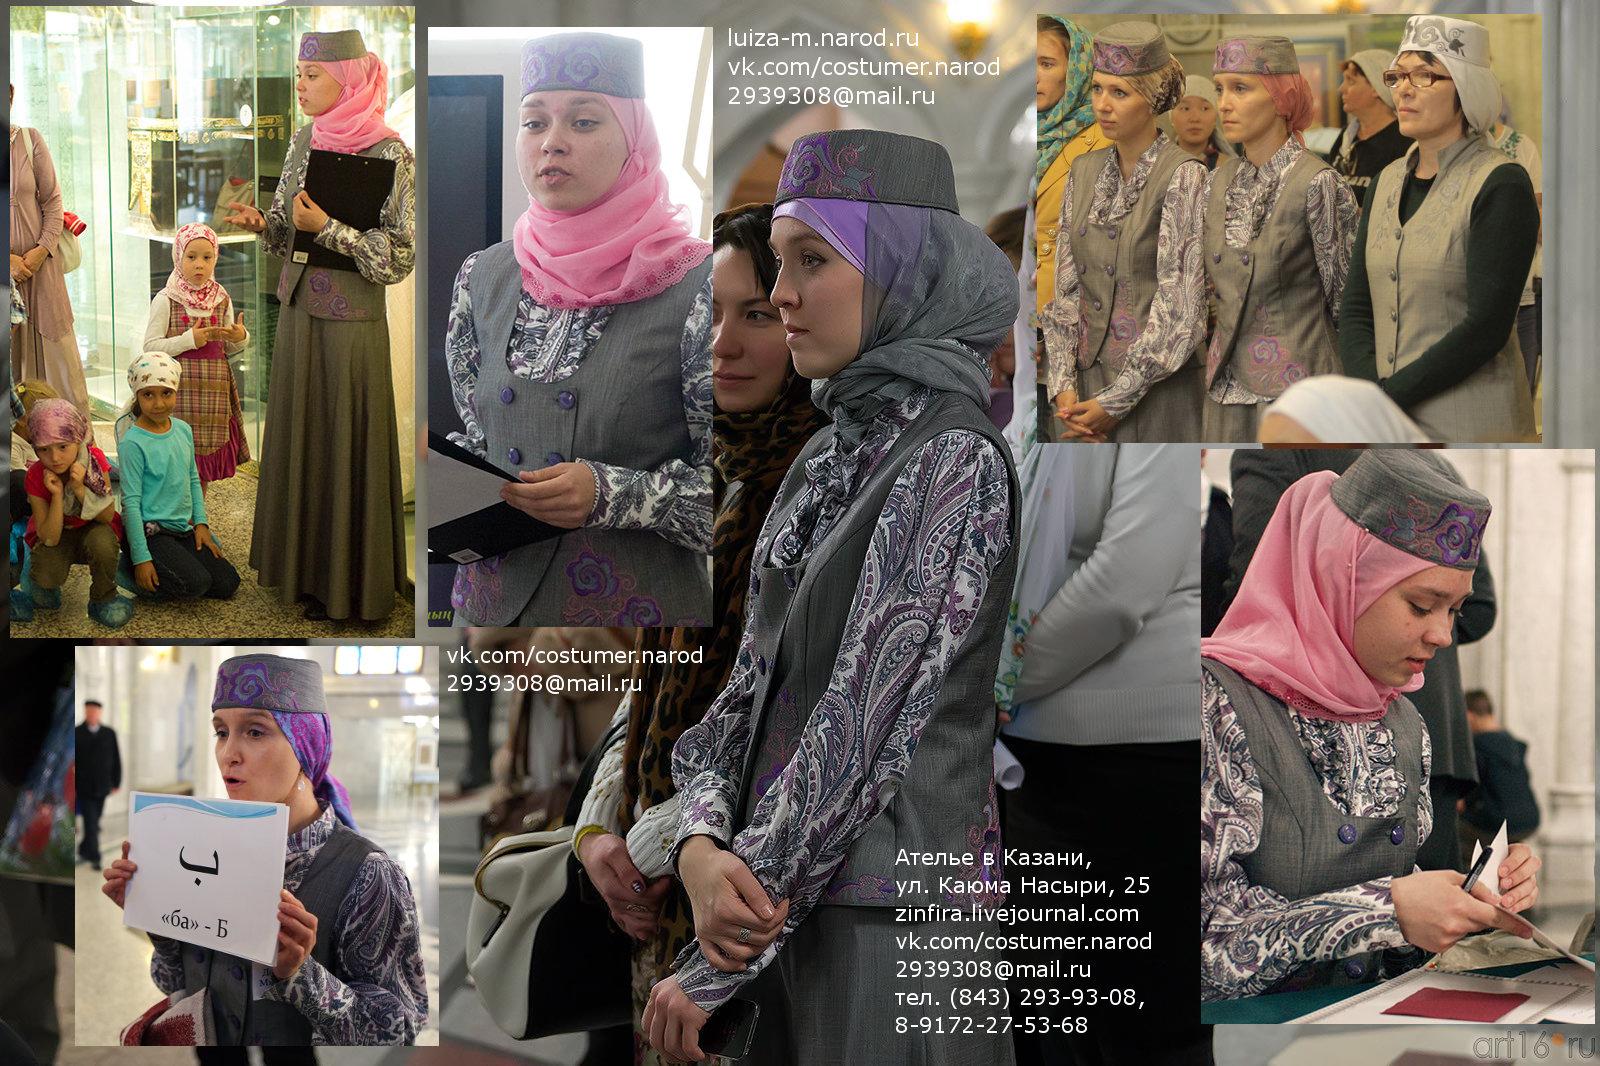 Татарские женские костюмы для сотрудниц Музея исламской культуры